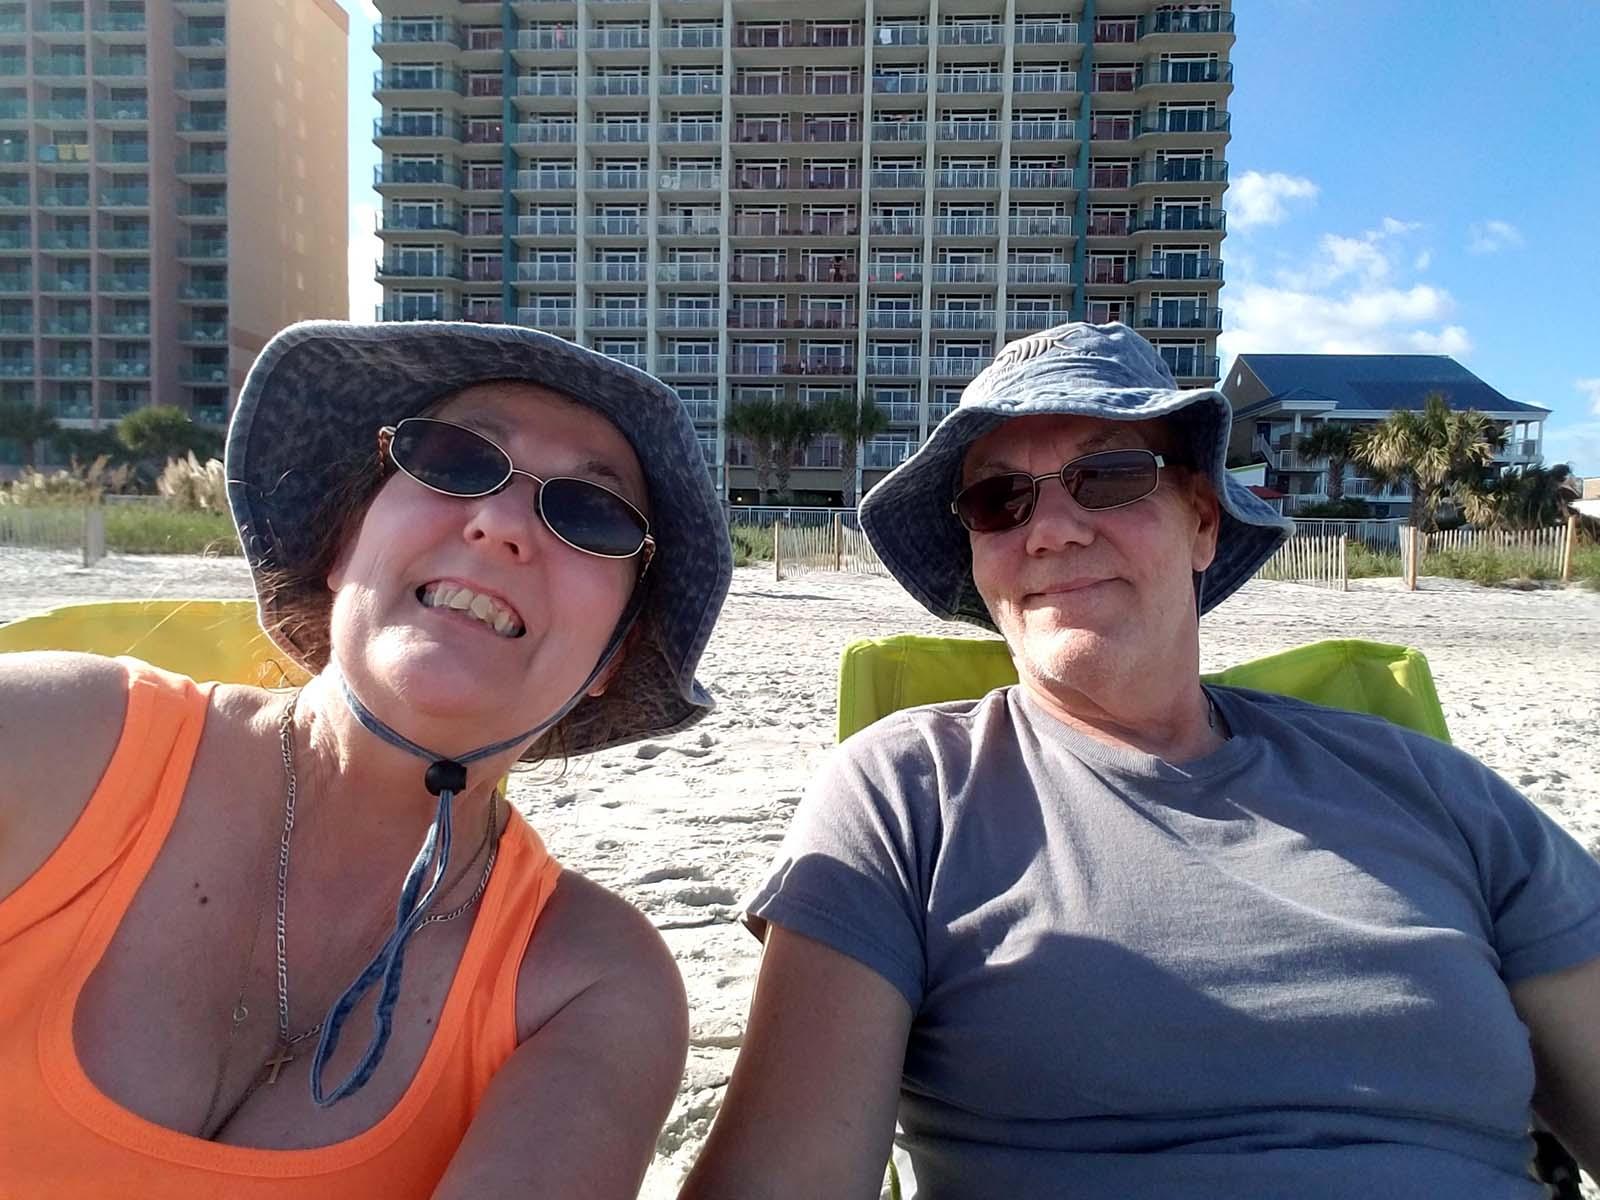 Couple wearing hats on beach taking selfie